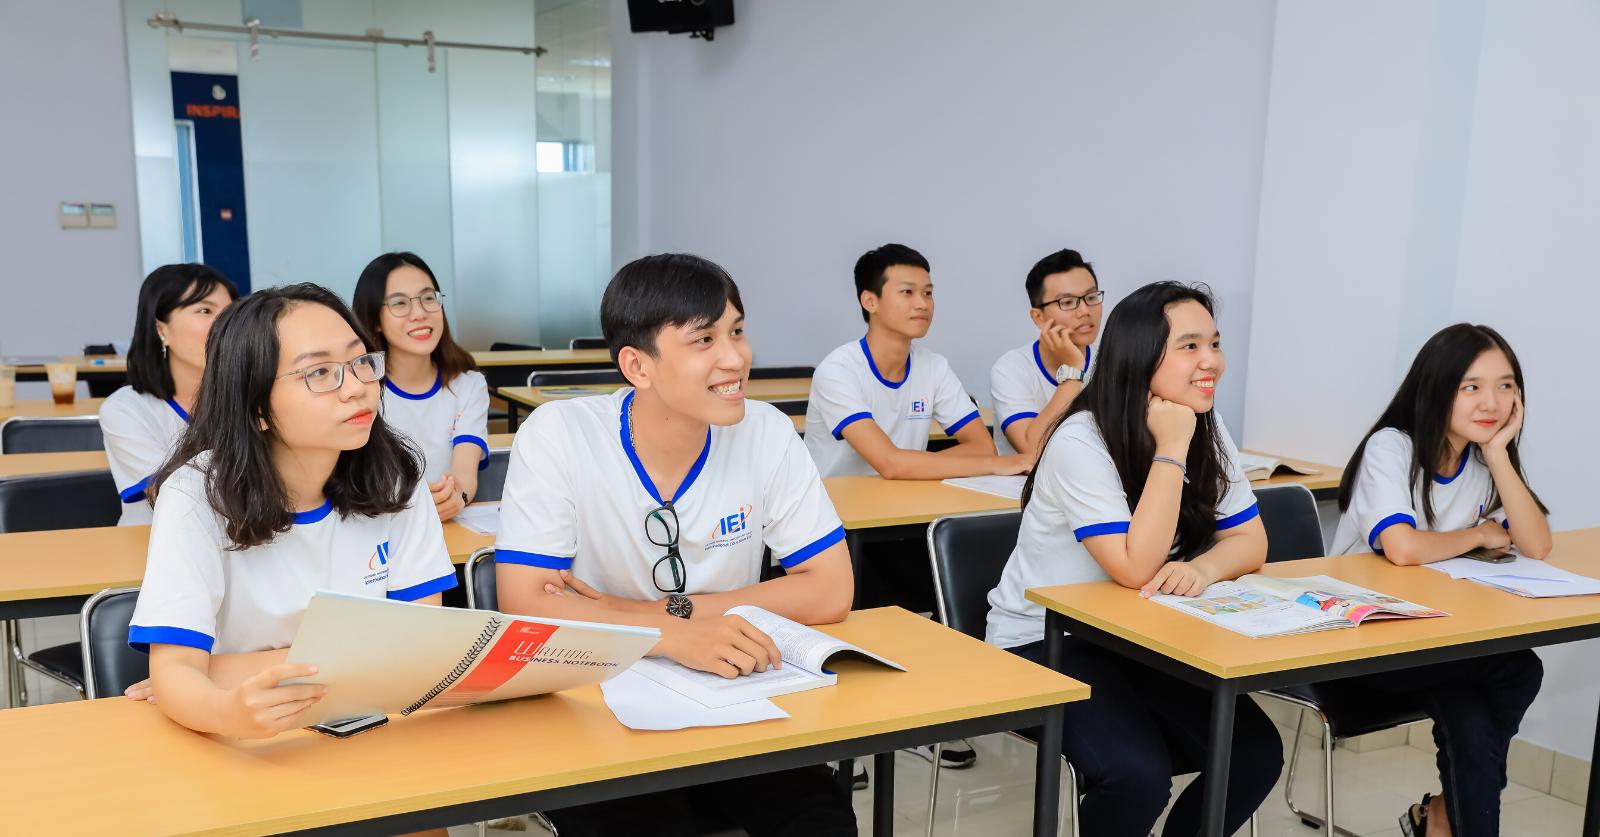 Chương trình đào tạo - IEI - Viện Đào tạo Quốc tế-ĐHQG TPHCM